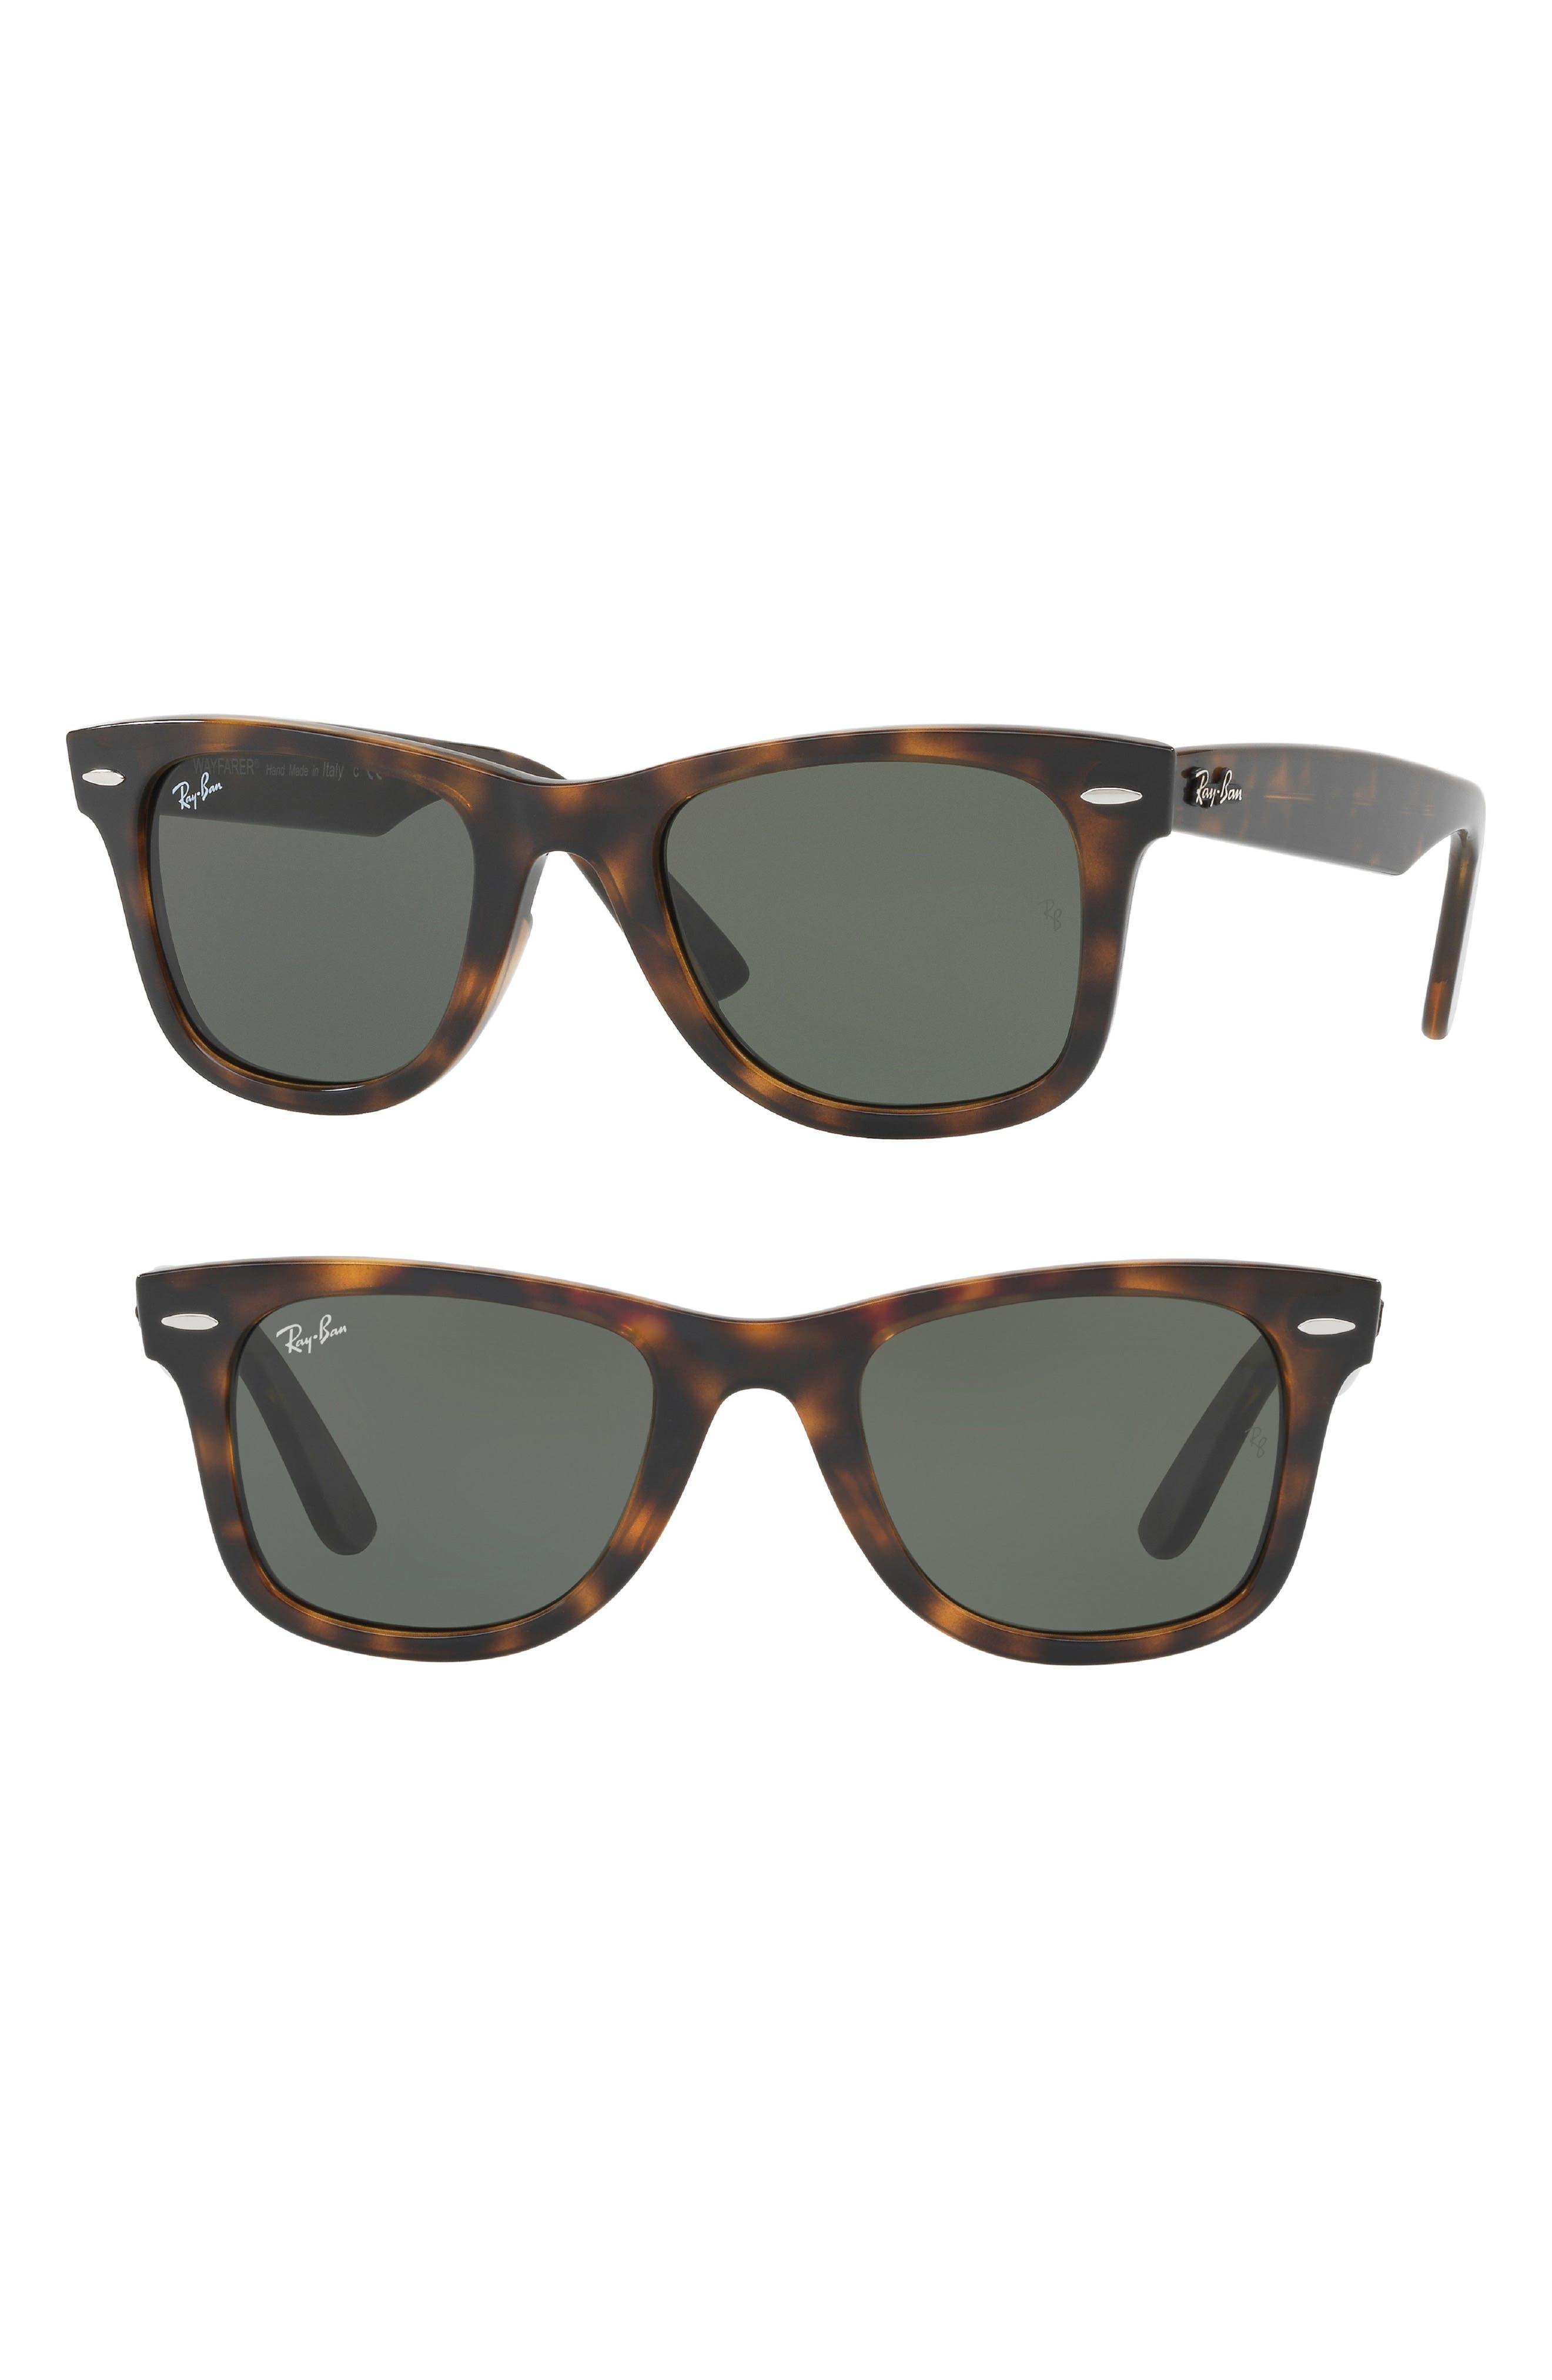 Wayfarer Ease 50mm Sunglasses,                             Main thumbnail 1, color,                             Light Havana